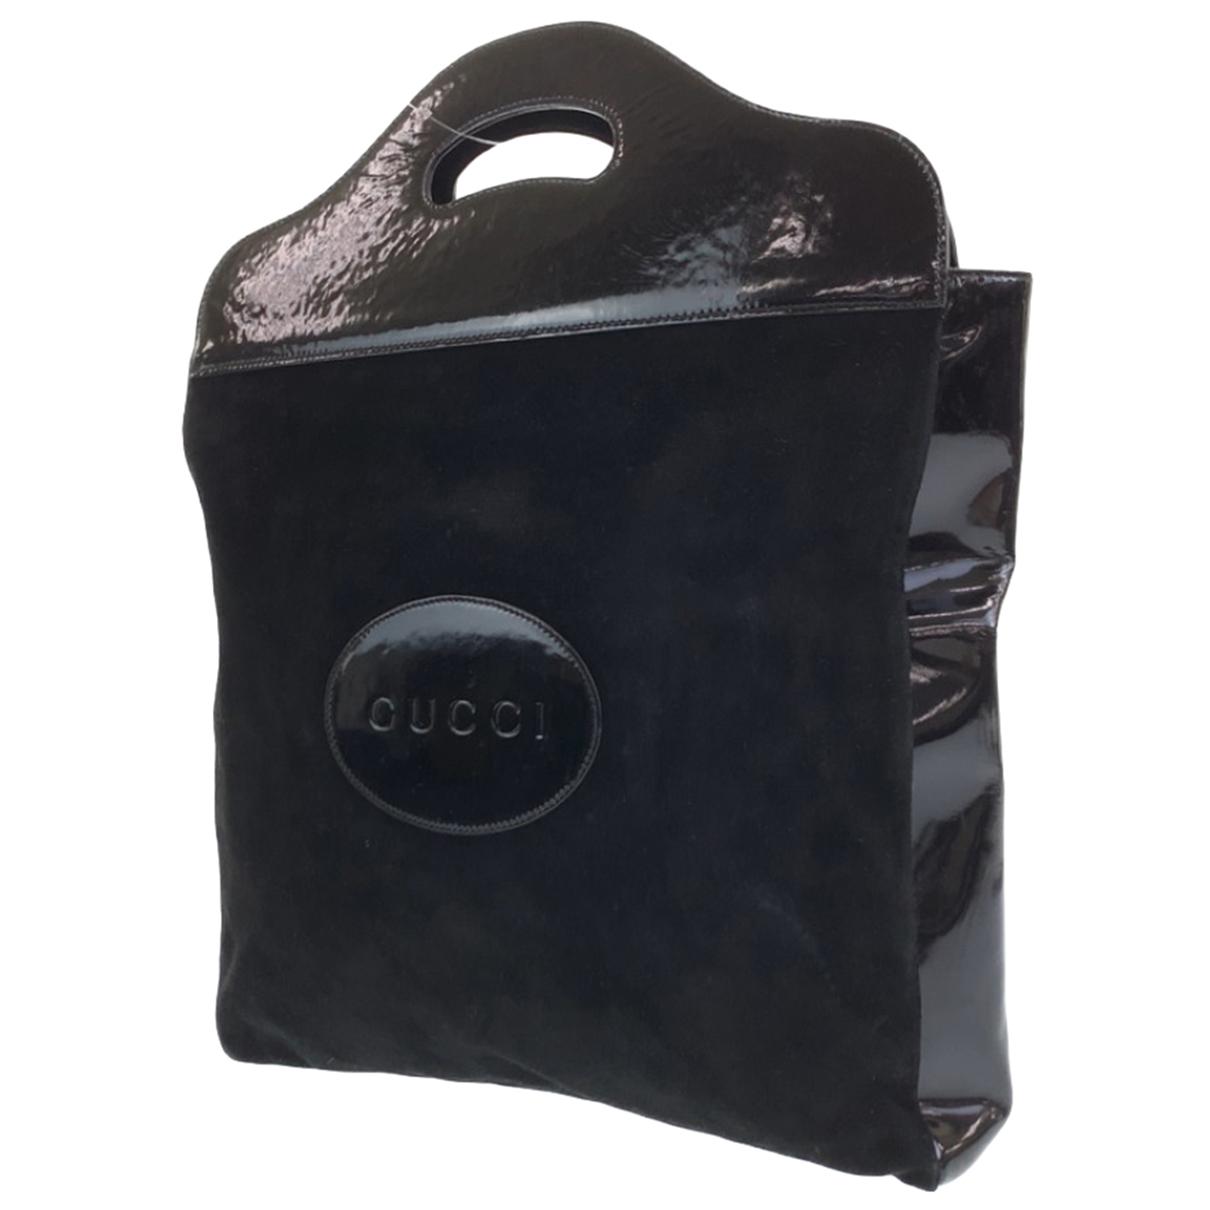 Gucci N Suede handbag for Women N